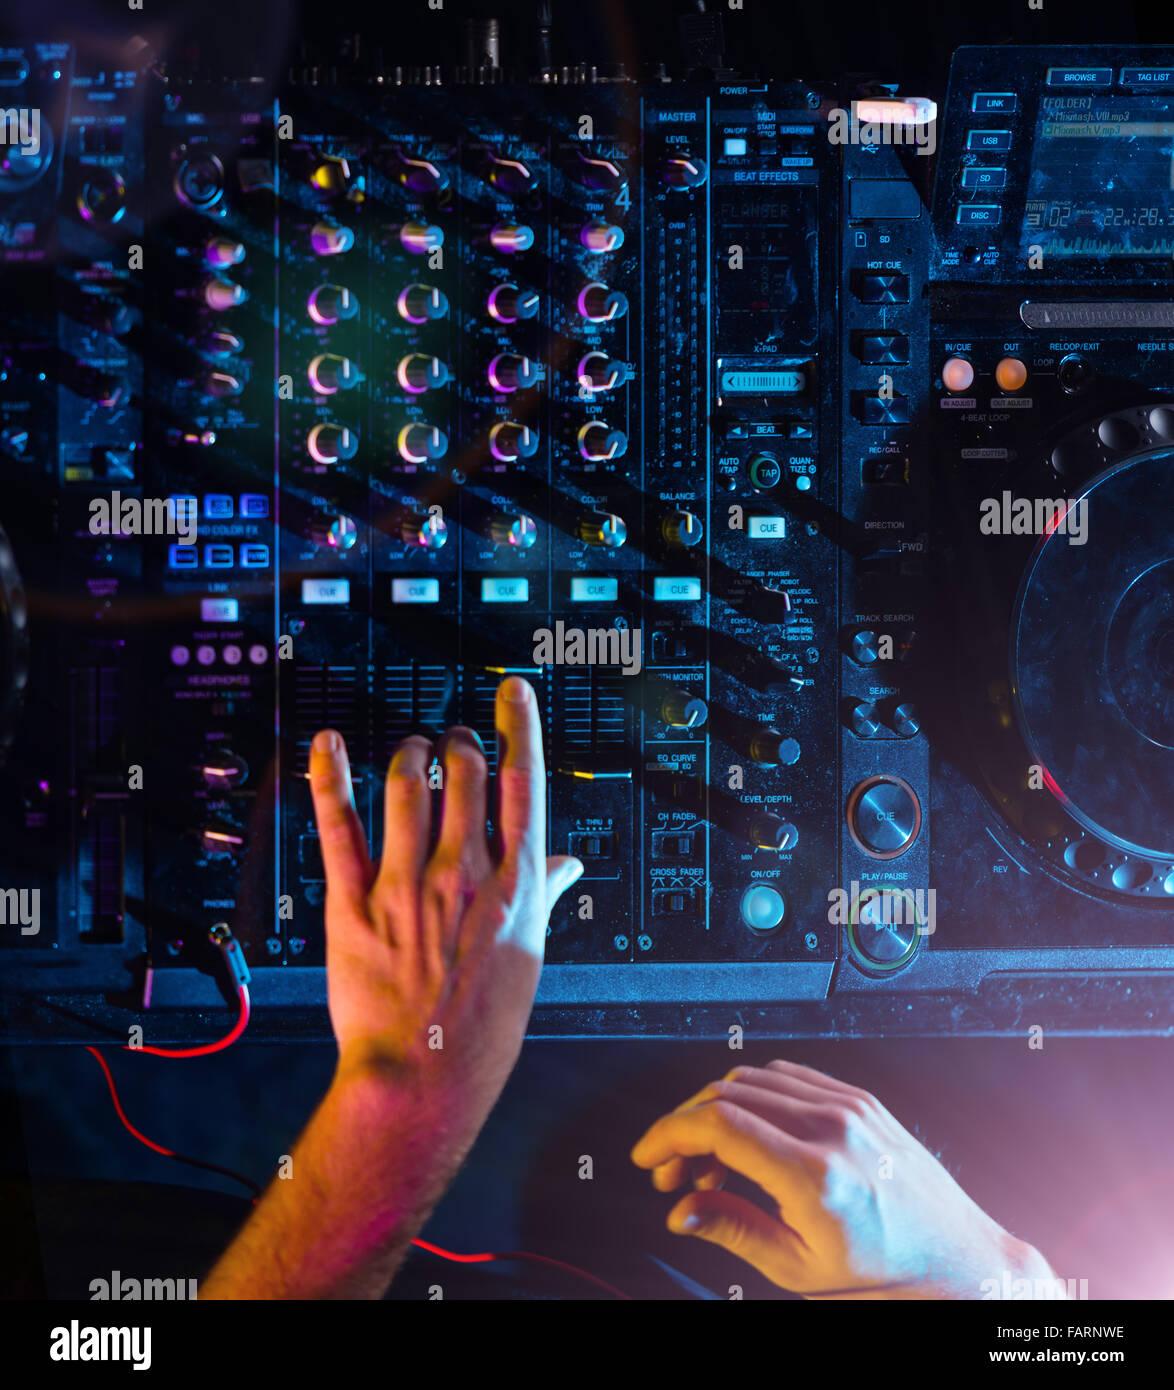 Dettaglio del dj mani operanti su console Immagini Stock